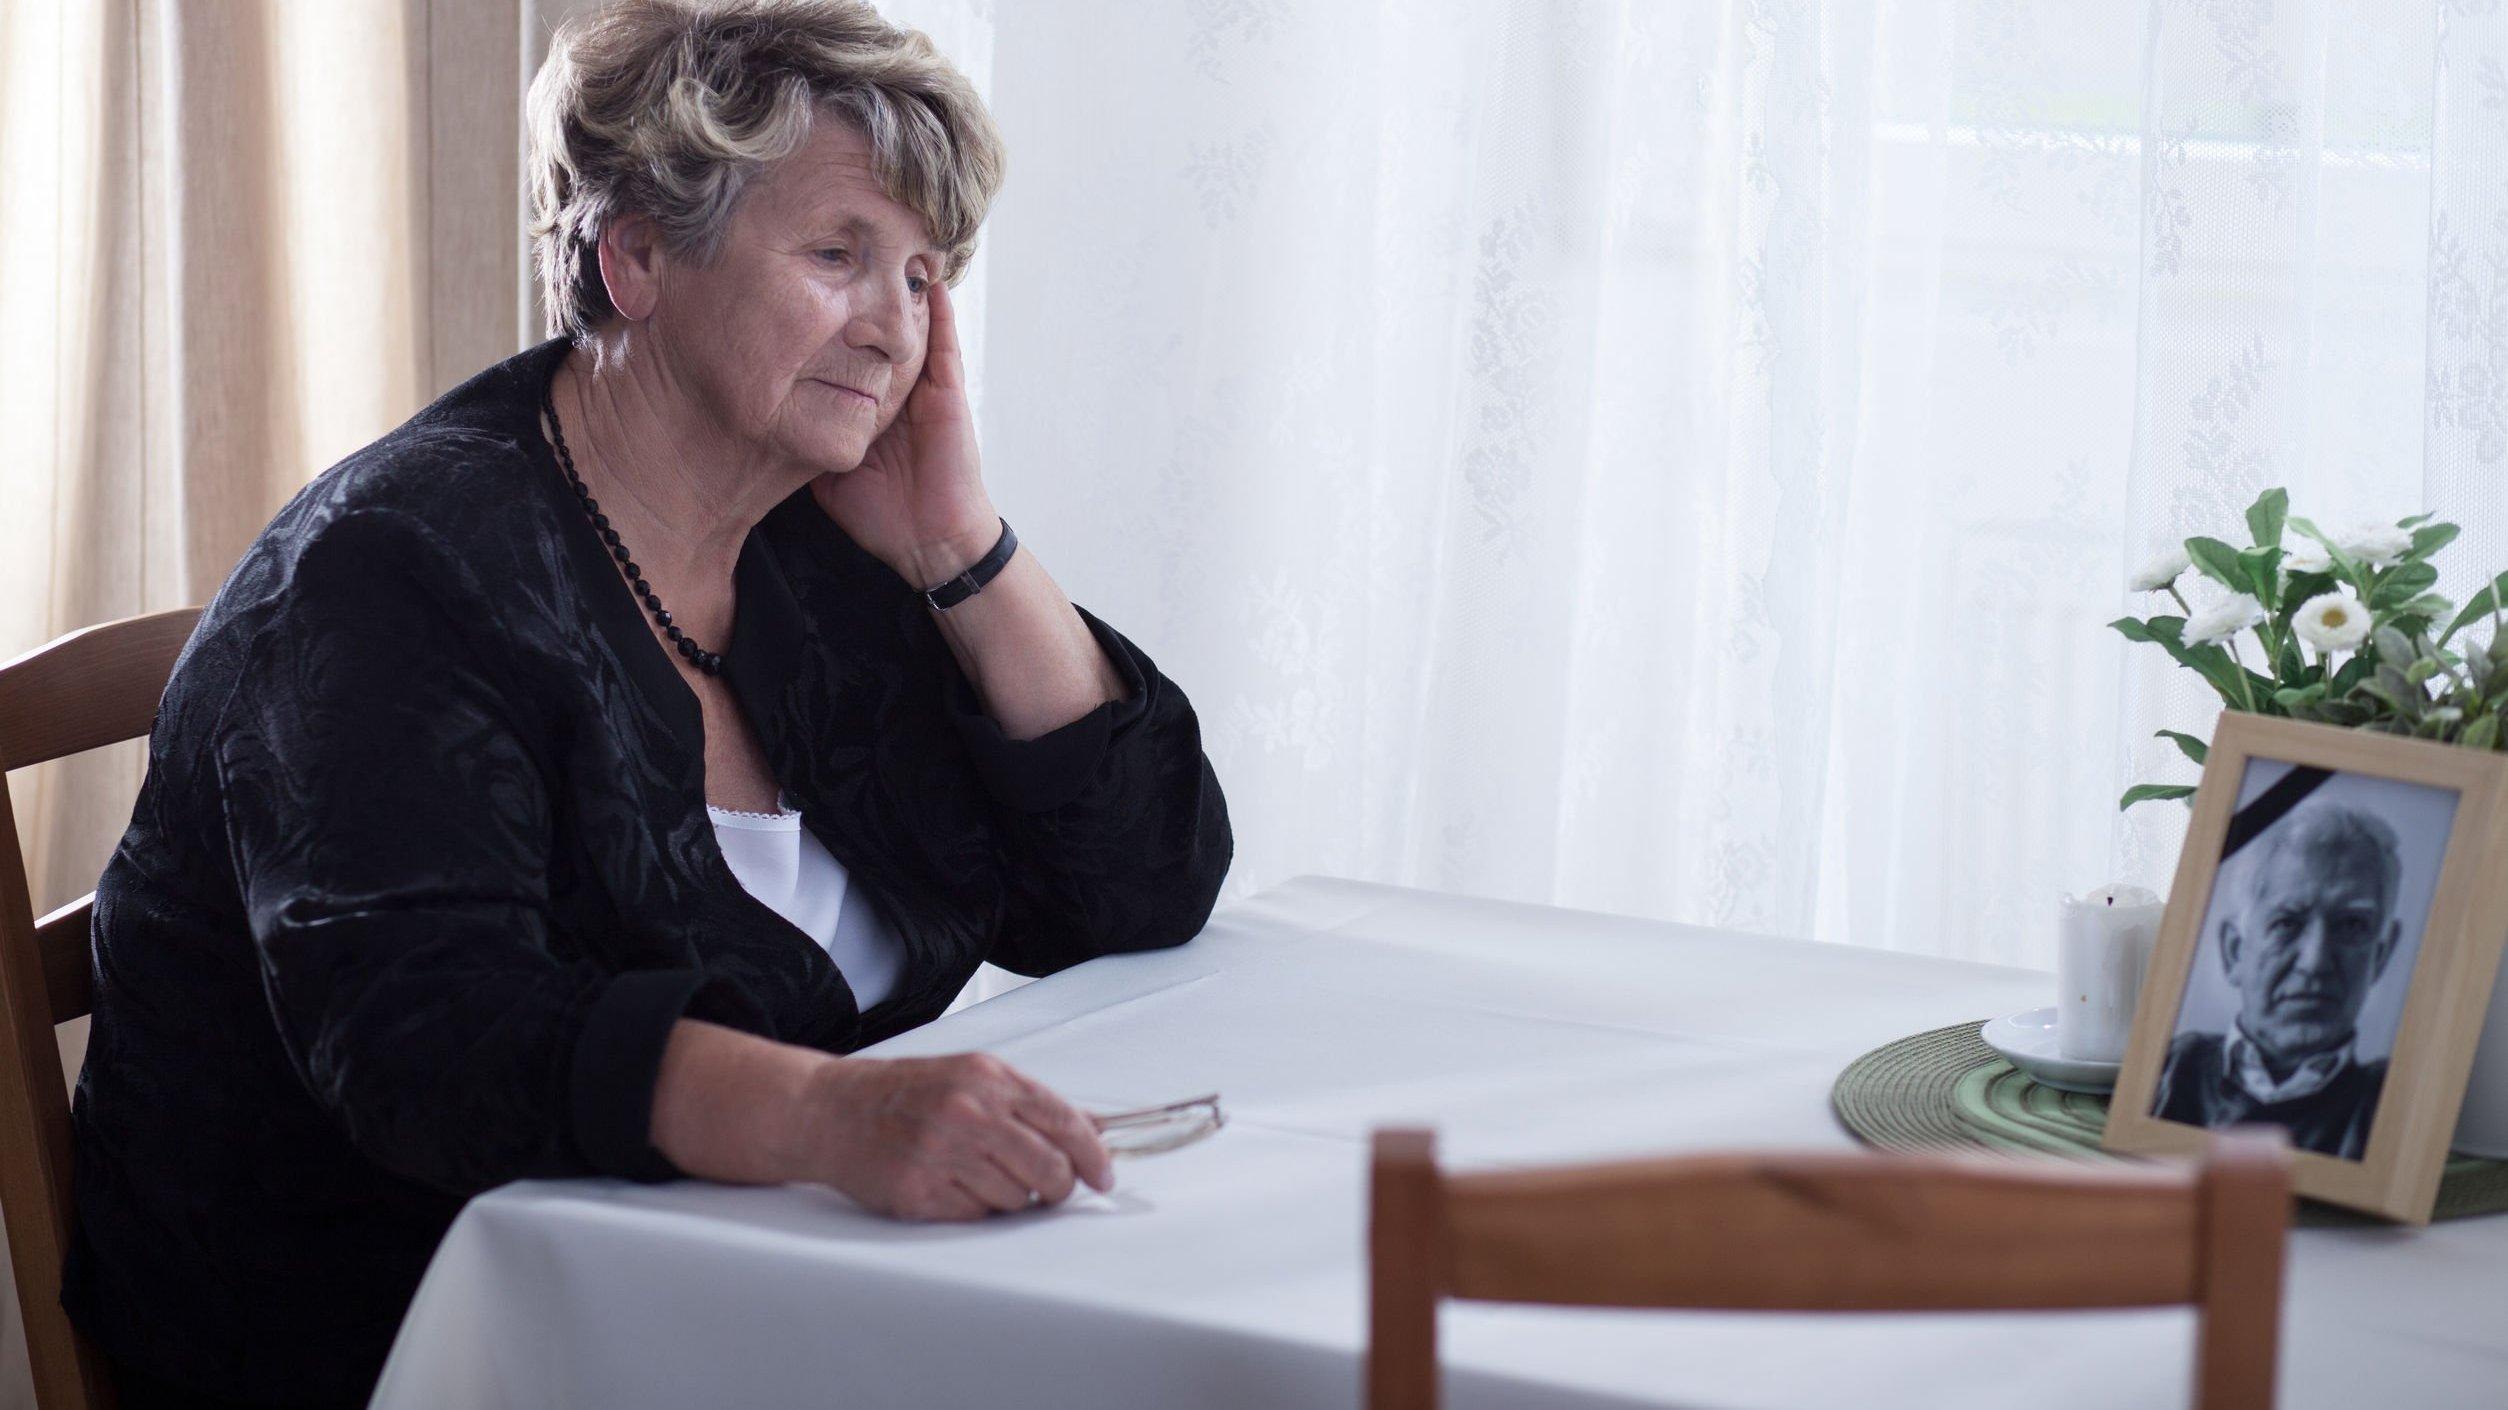 Senhora de idade sentada em mesa observando foto de homem falecido